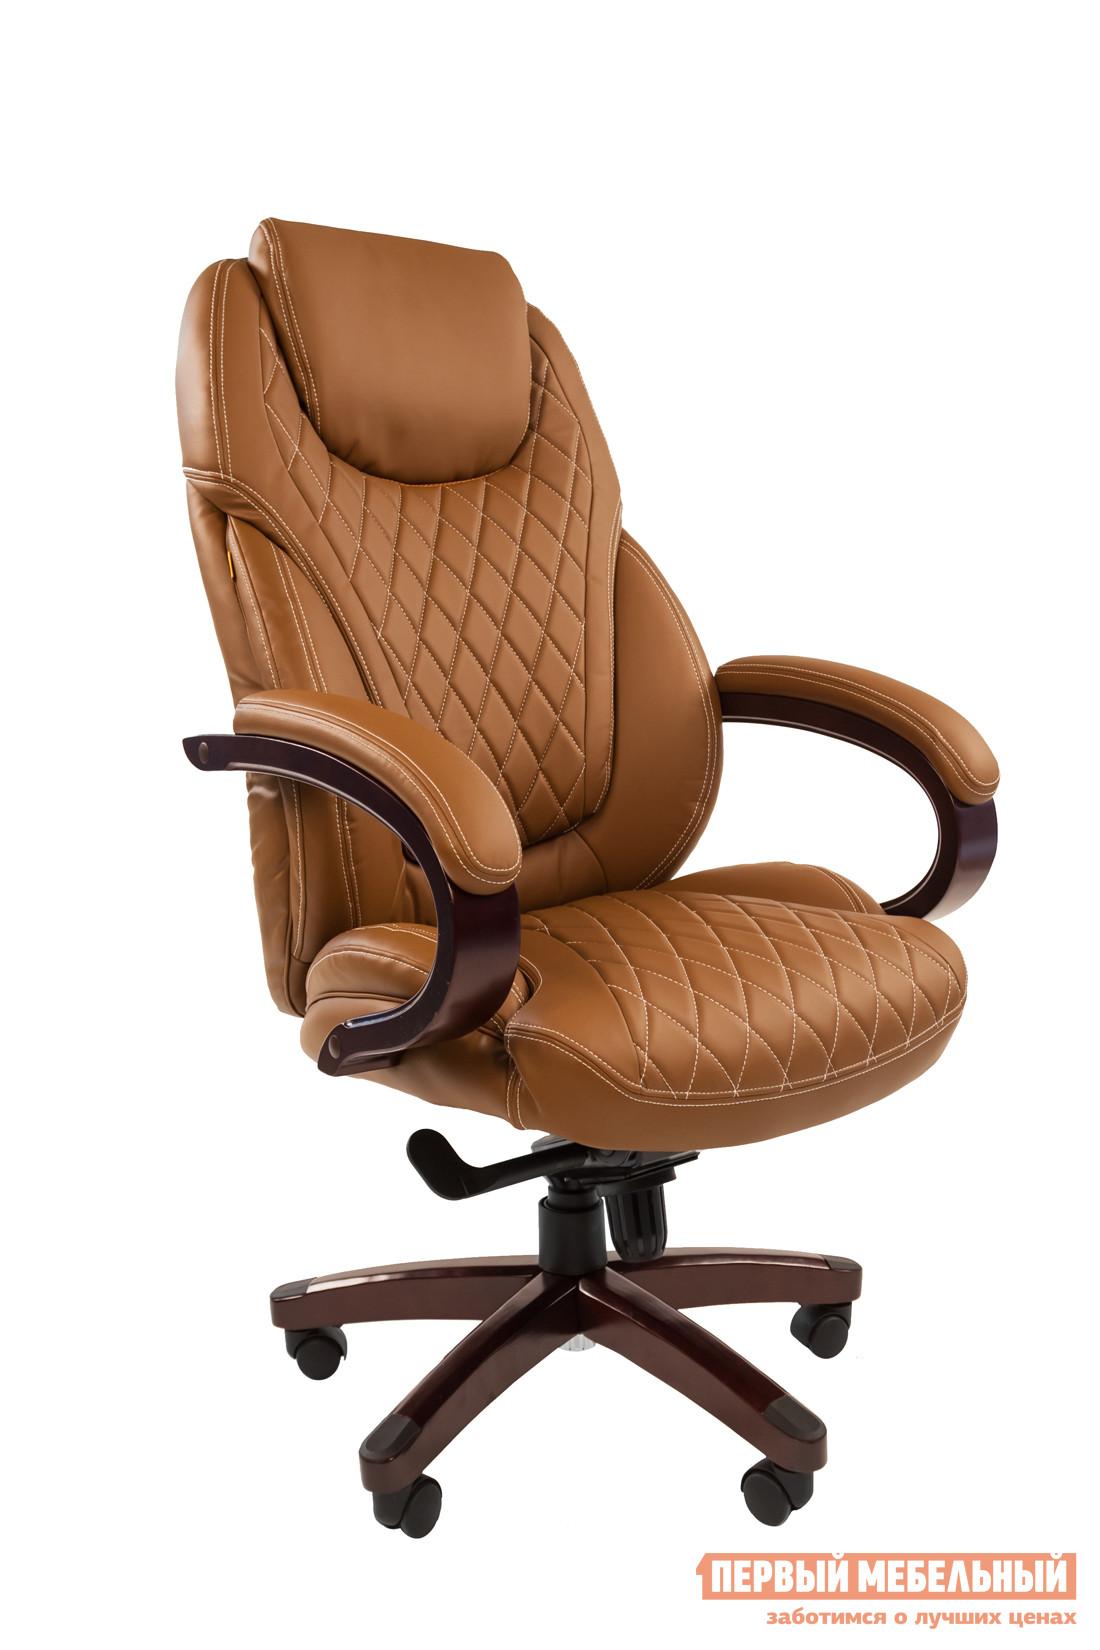 Кресло руководителя Тайпит CH 406 кресло руководителя тайпит fuga